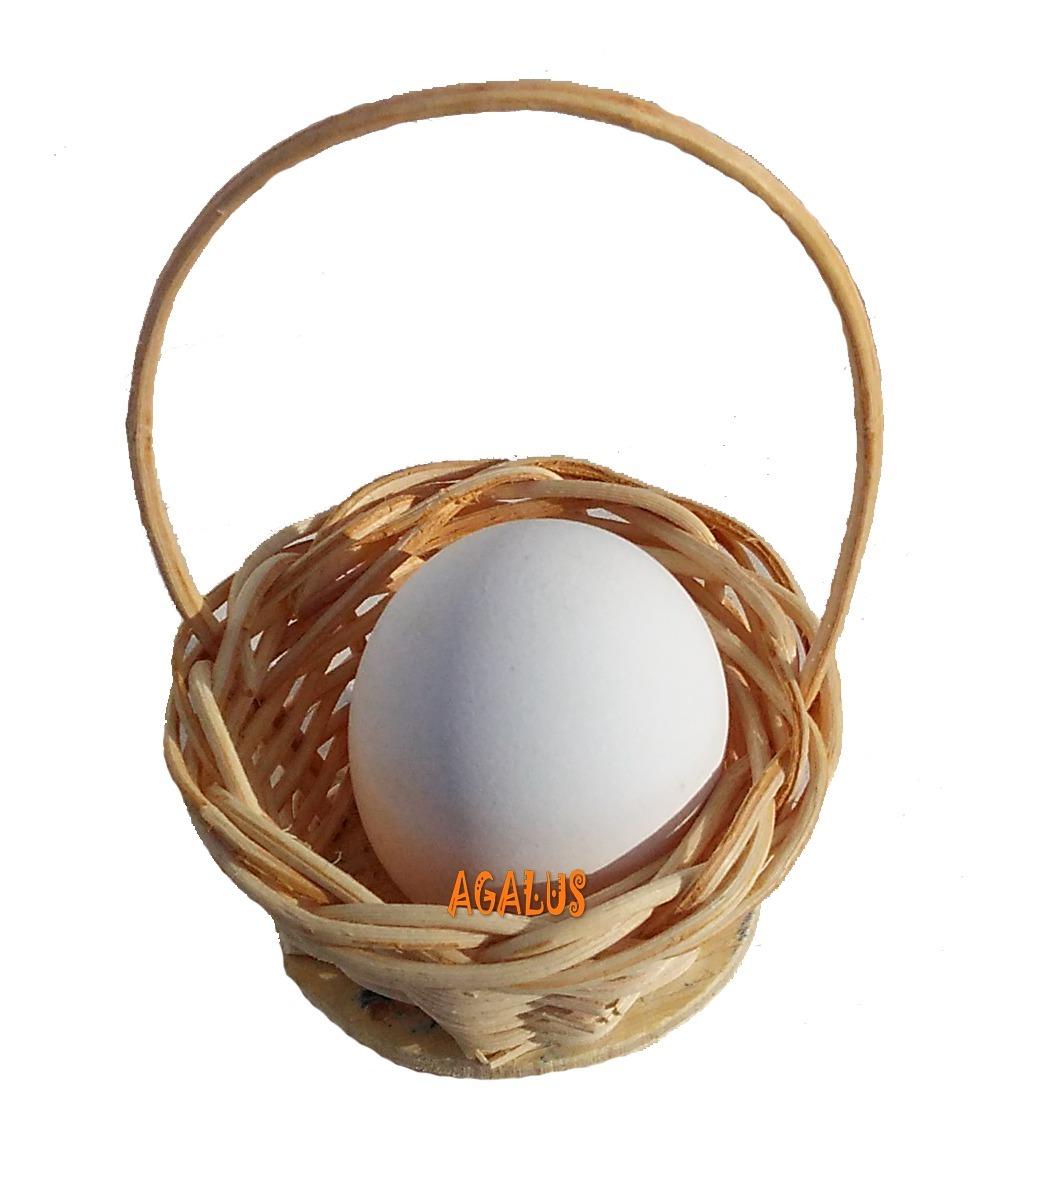 1eafbd8206a31 10 mini cesta lembrancinha palha bambu ref.202 04x07. Carregando zoom.